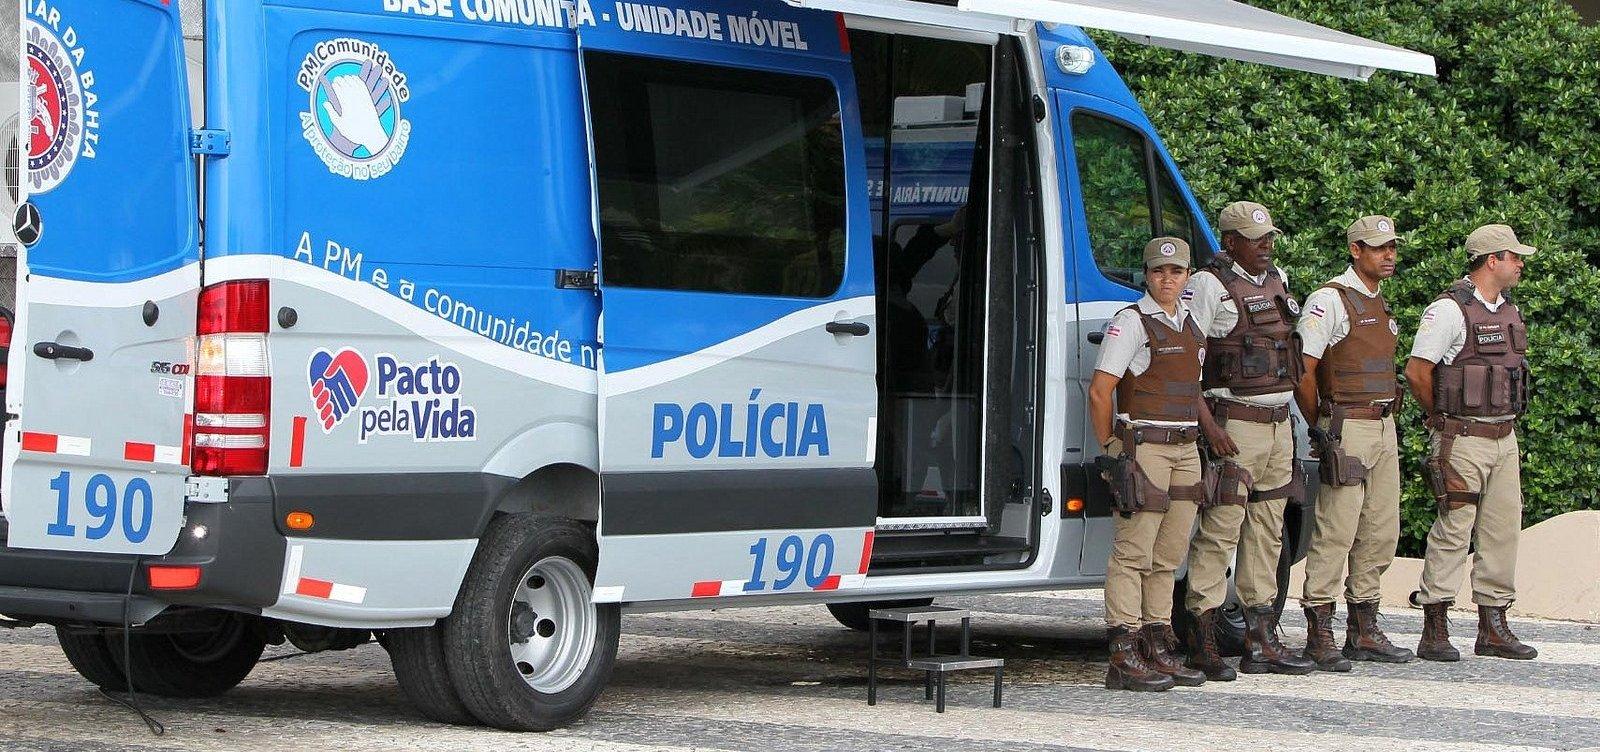 [Policiais baianos vão receber R$ 35,5 milhões por redução de mortes]